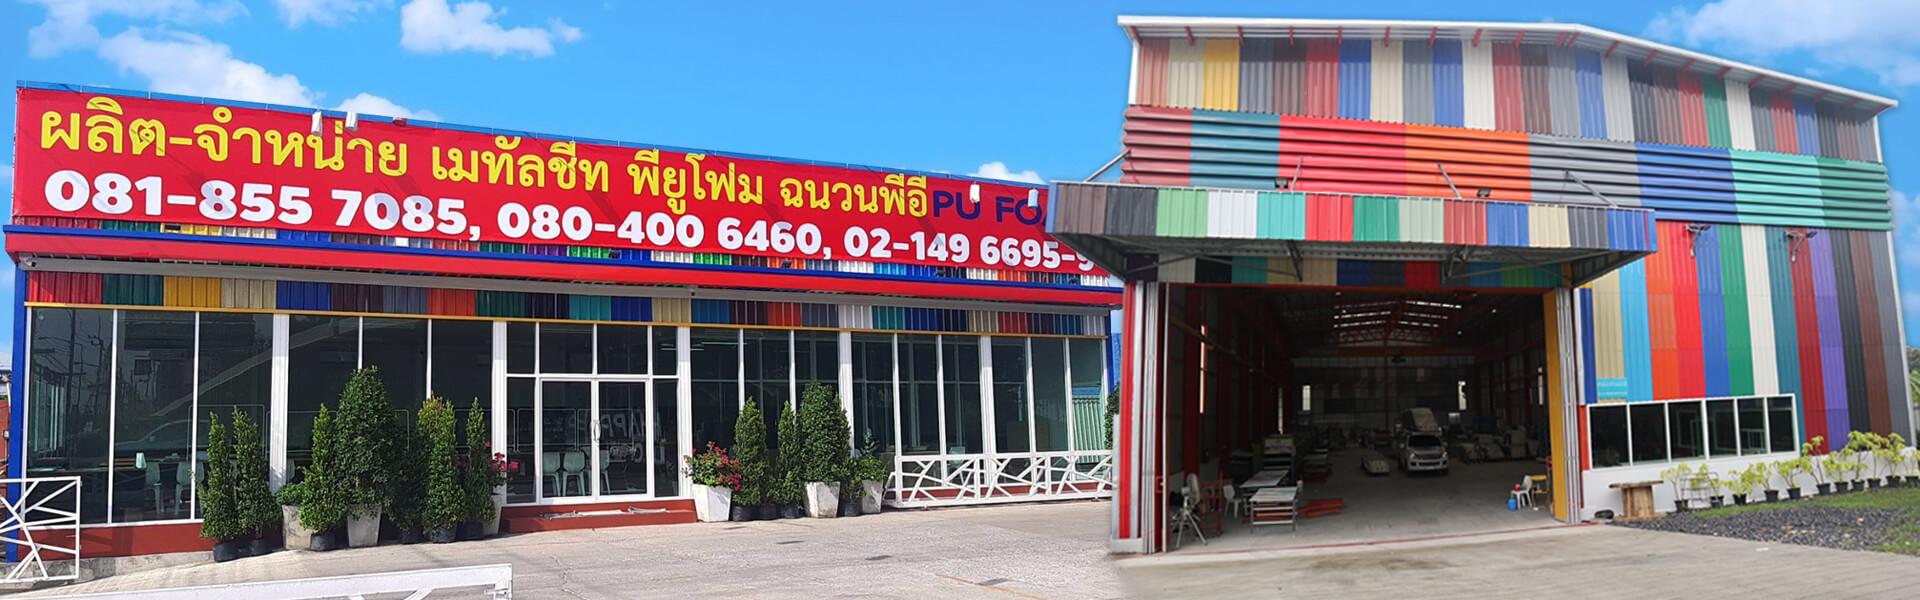 bangkokcoofroof